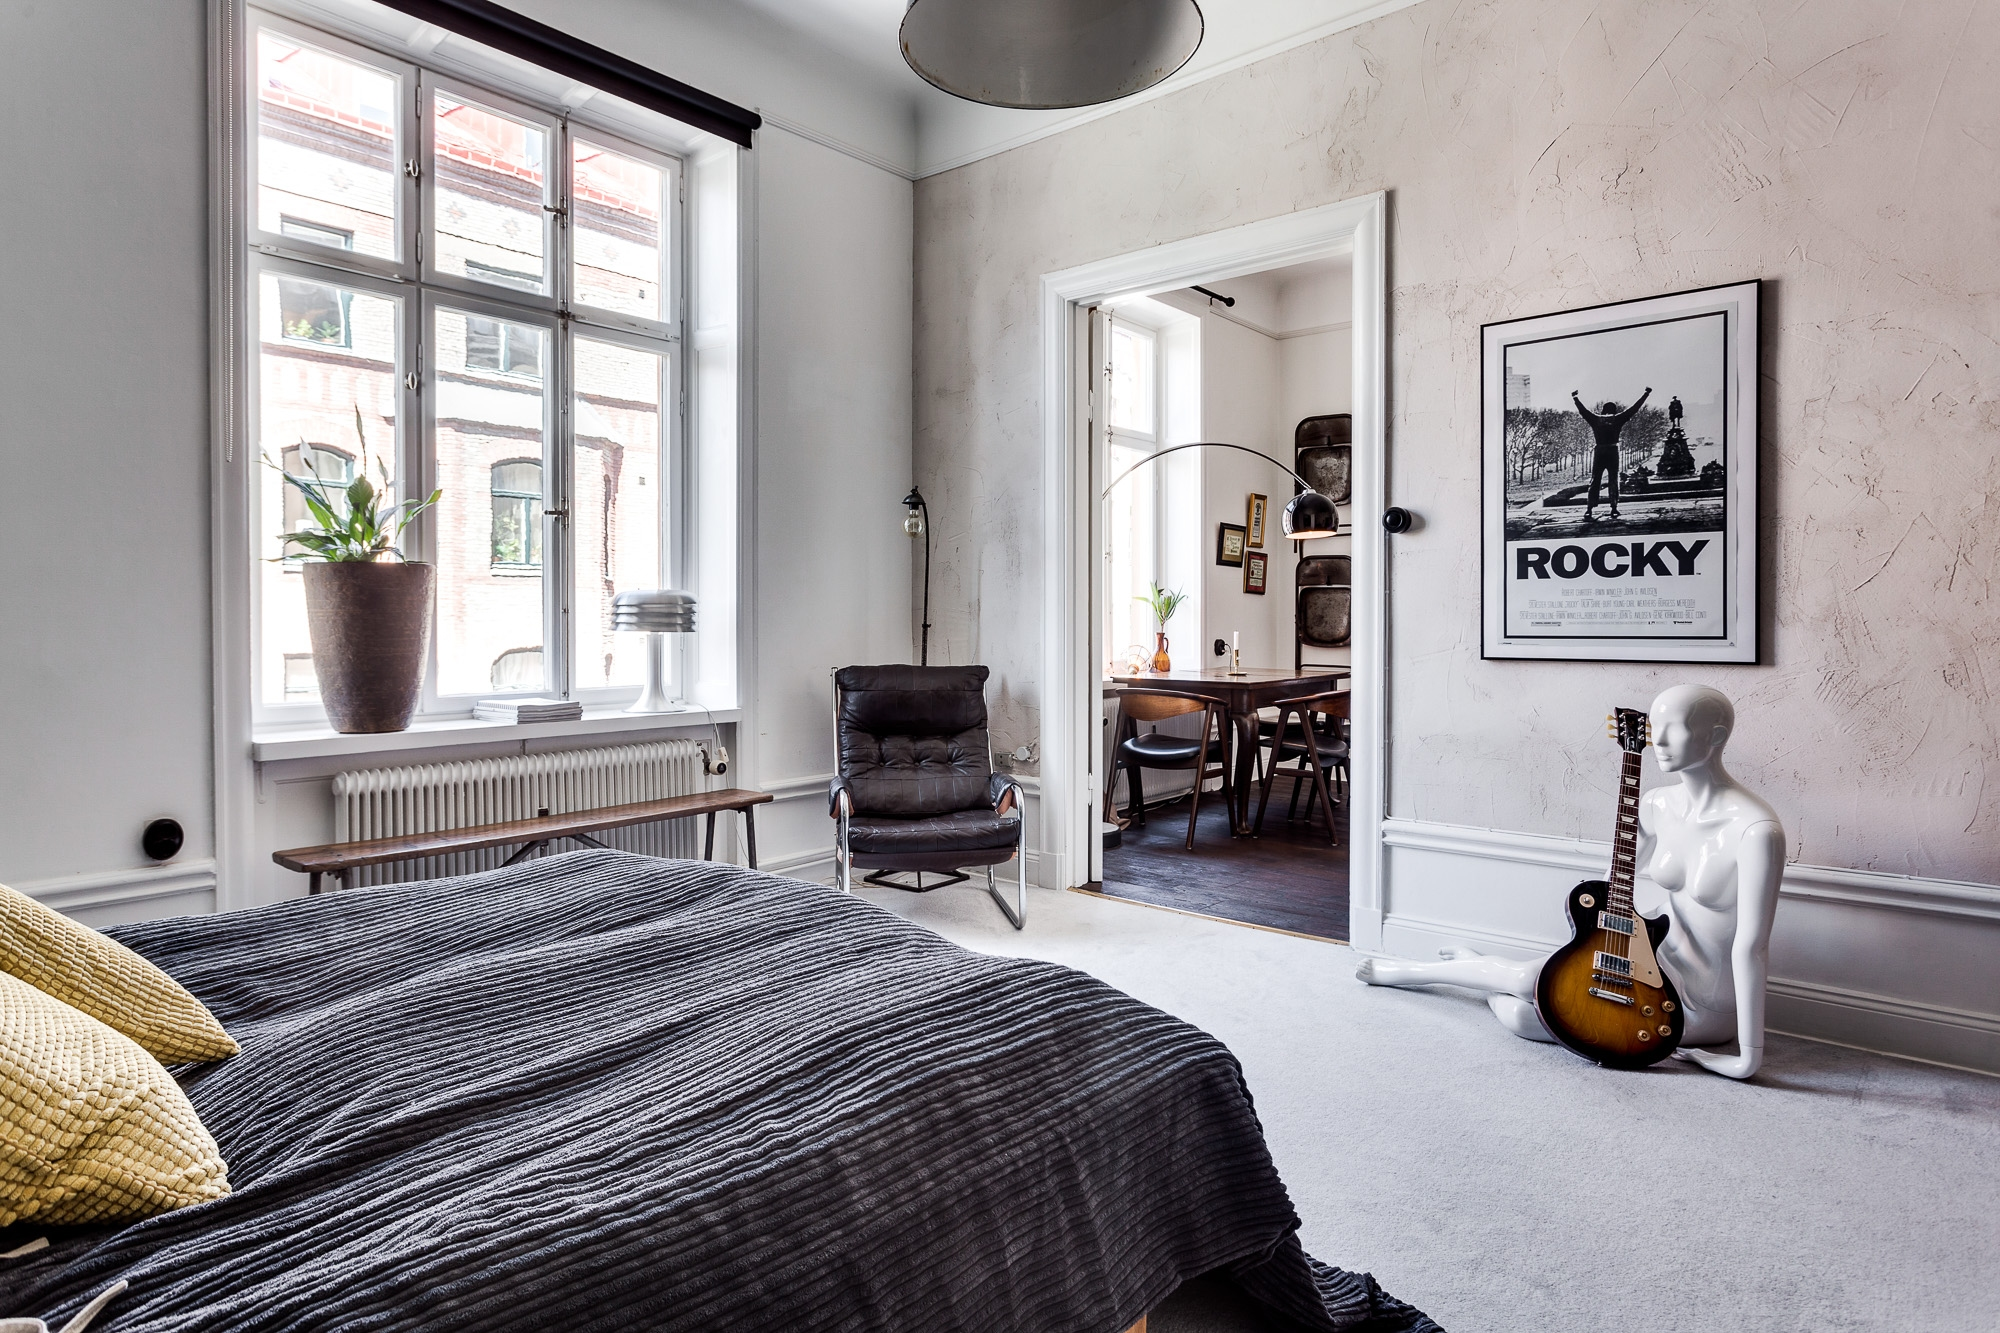 Slaapkamer Interieur Inspiratie : Interieur inspiratie slaapkamer